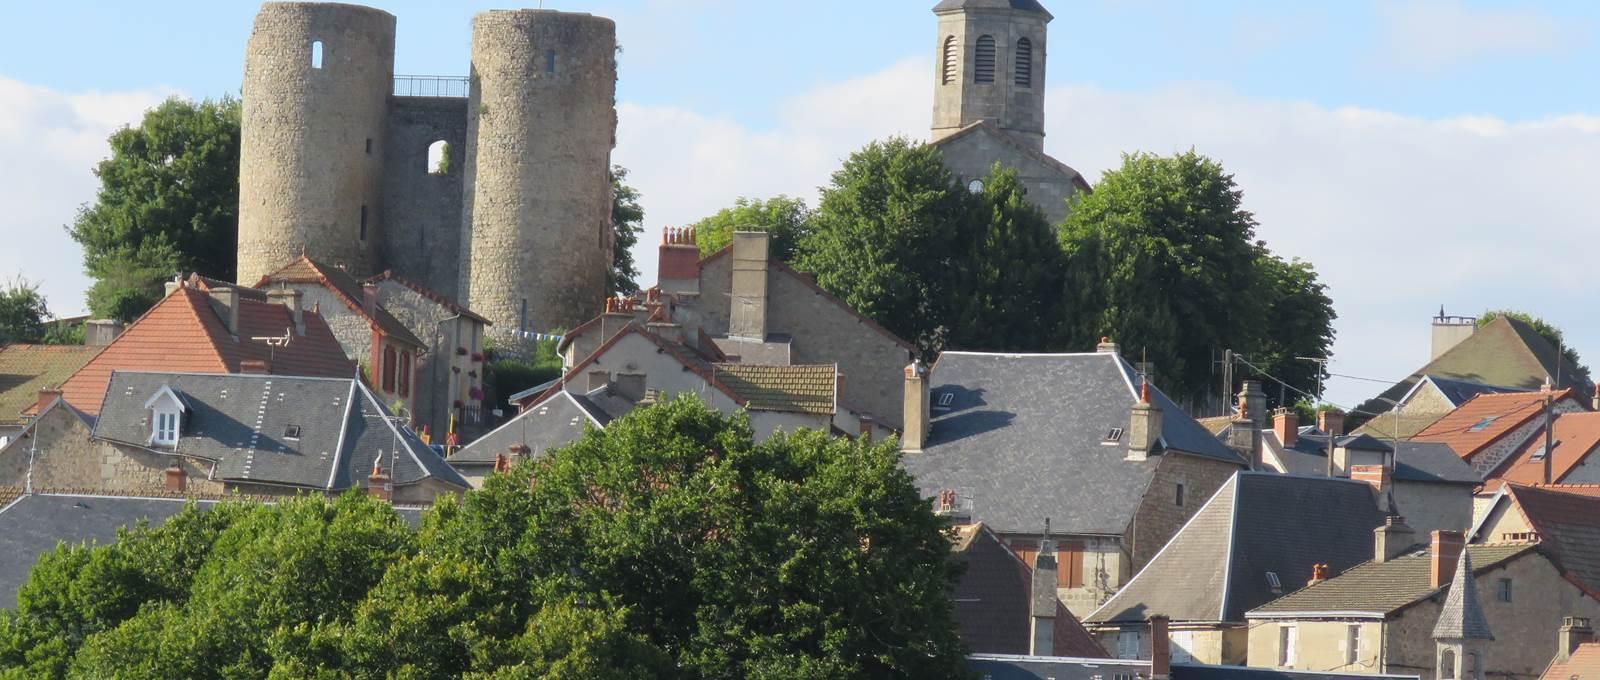 Crocq, petite cité médiévale en Creuse.